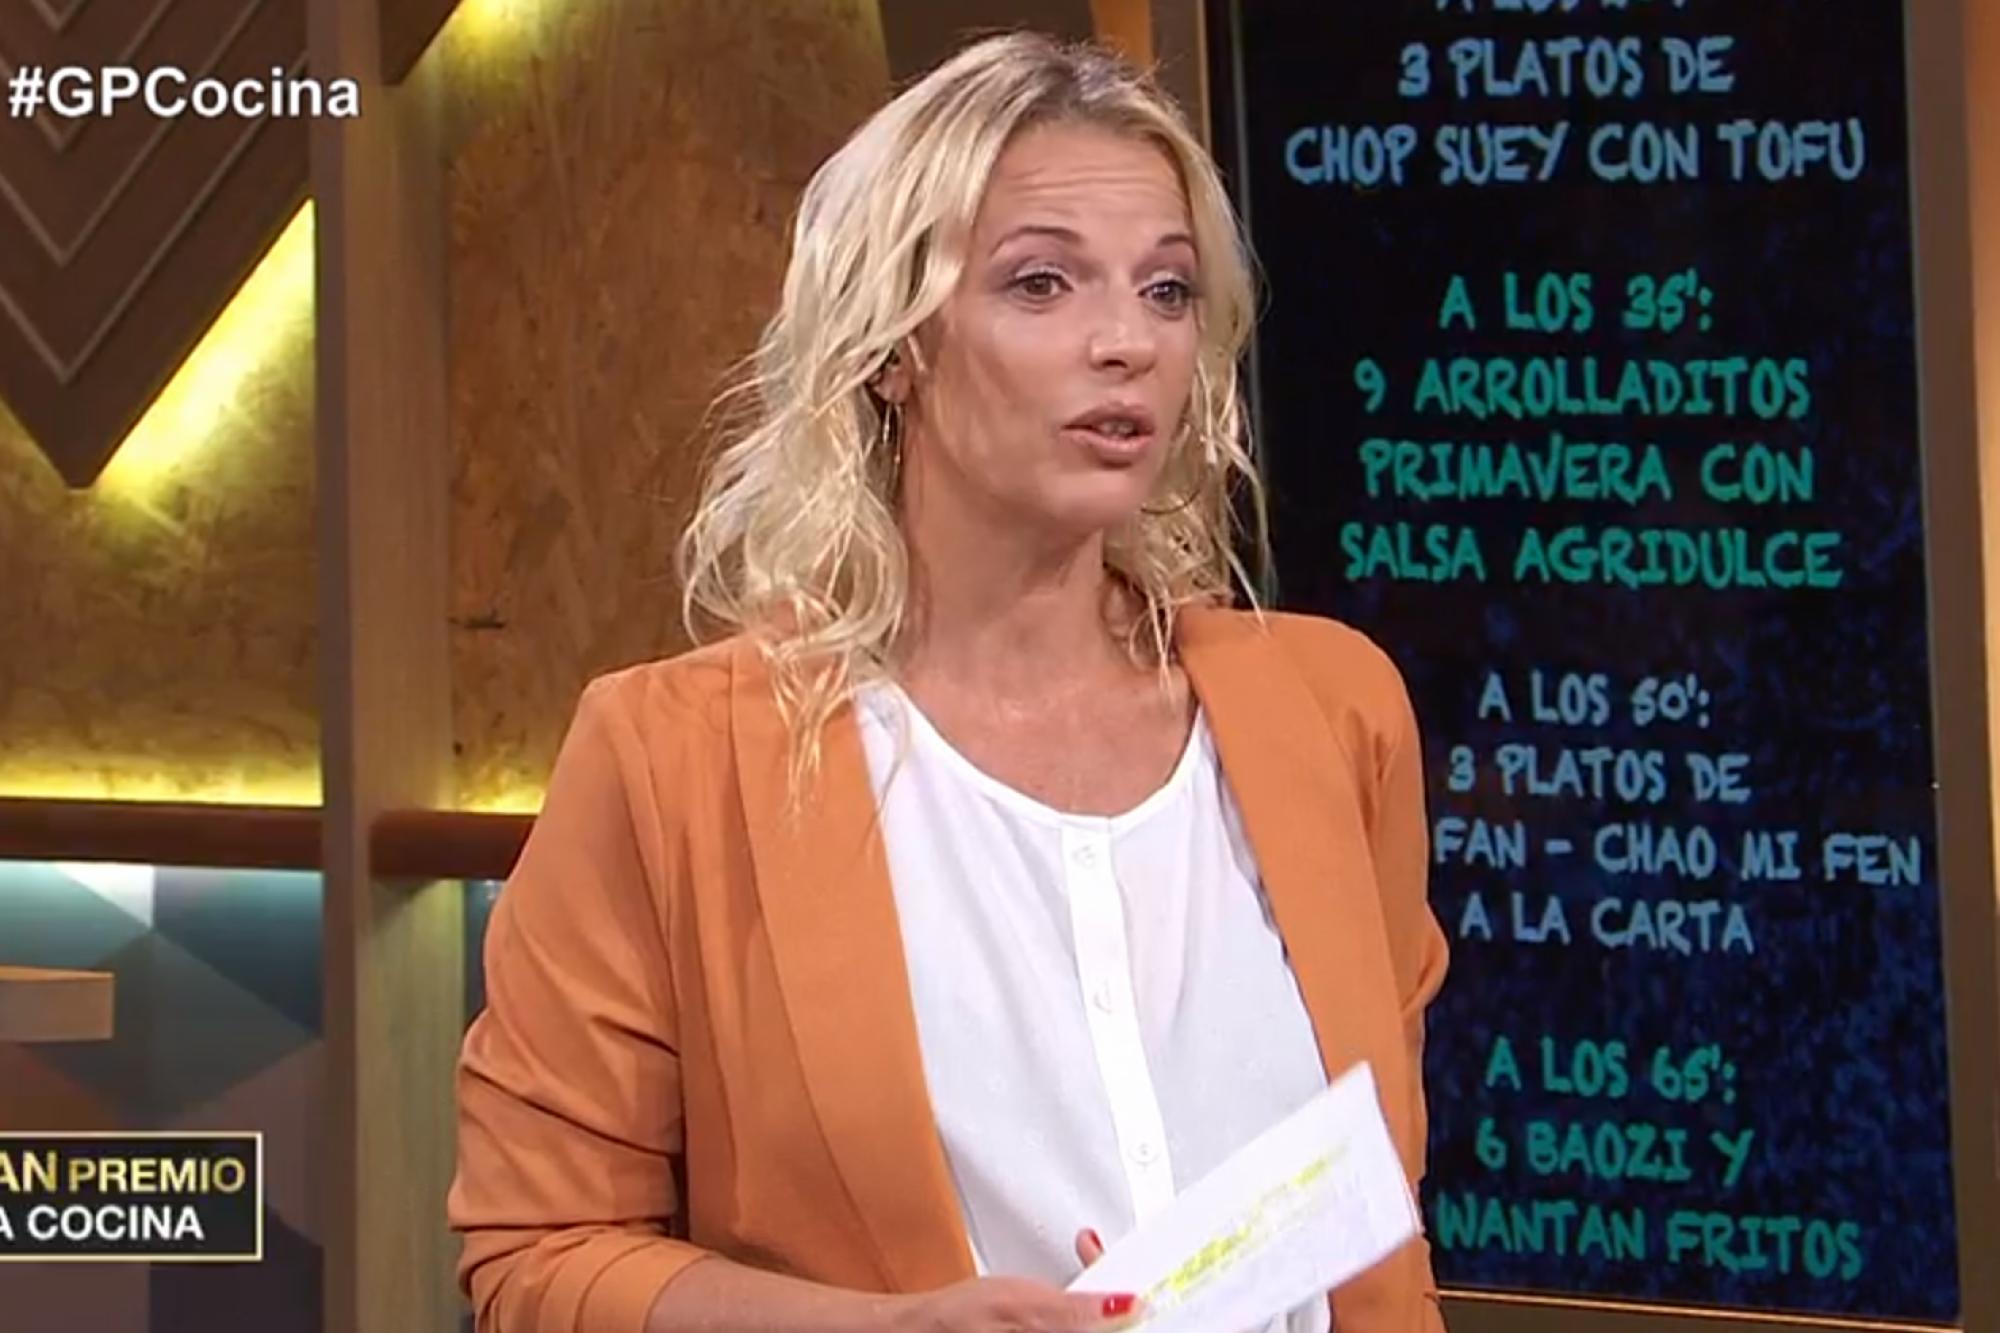 Celos en El gran premio de la cocina: Carina Zampini hizo un llamativo reclamo al jurado